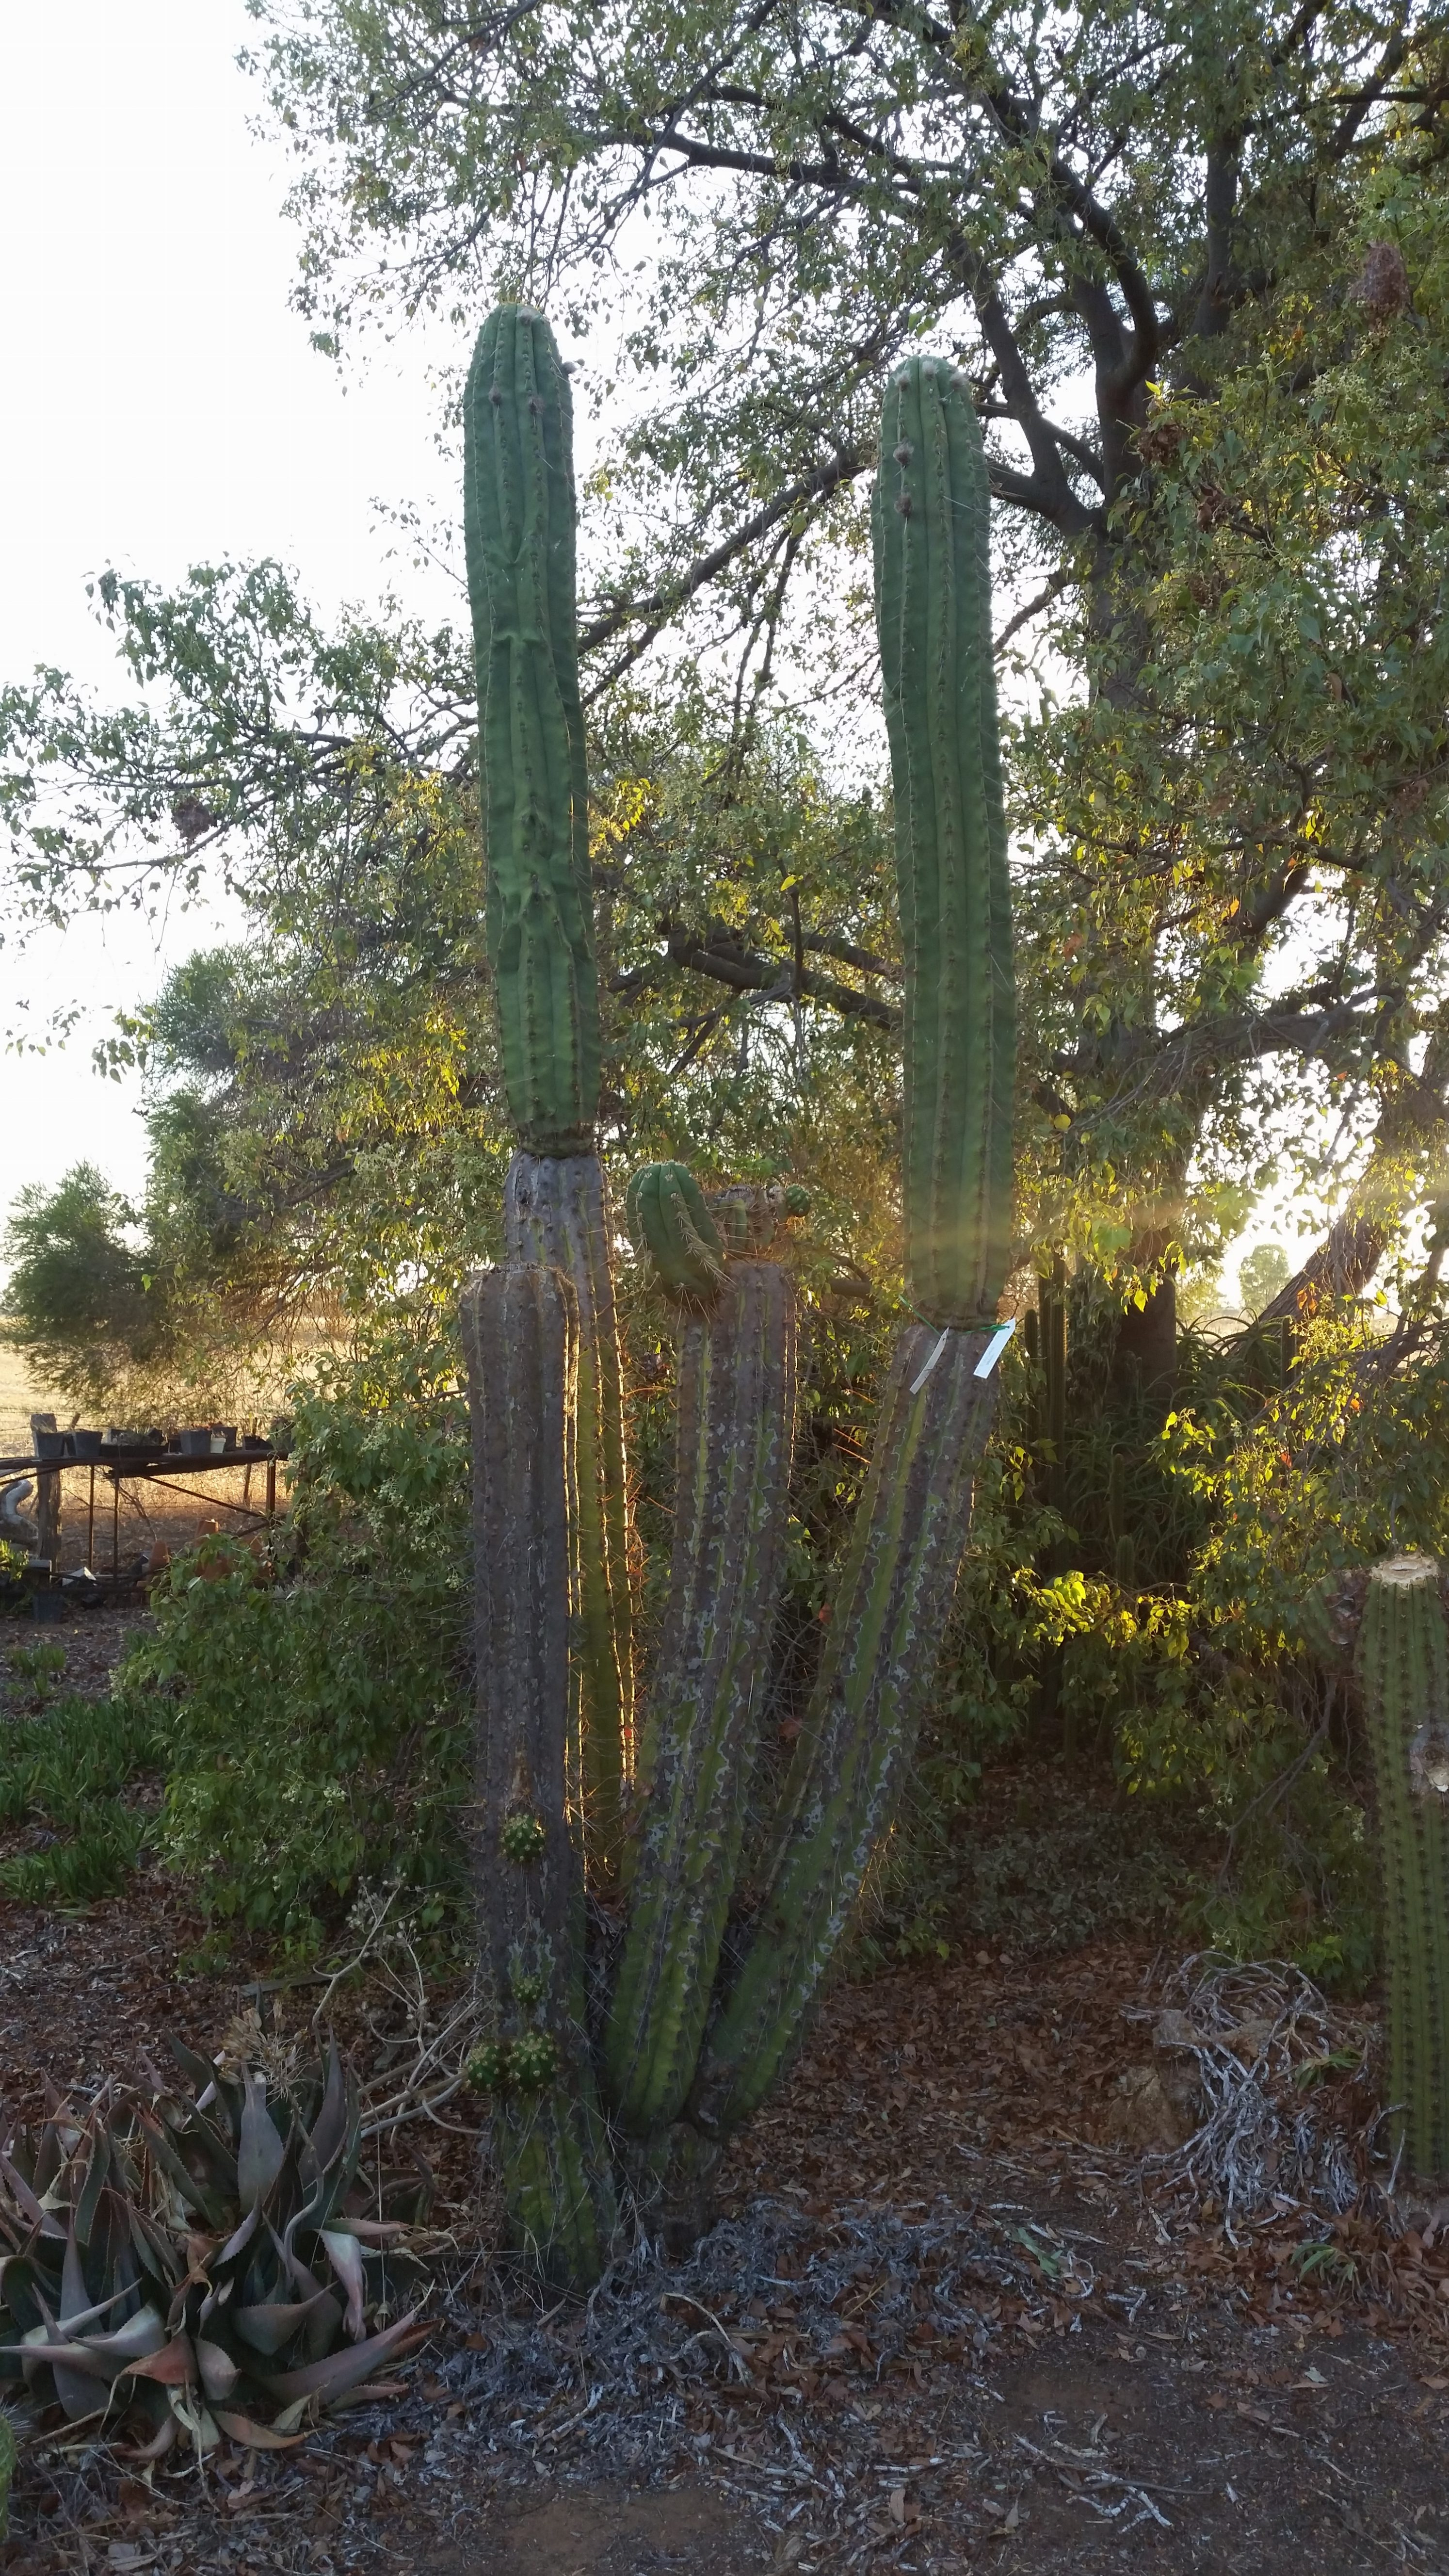 Fields Validus Trichocereus Garden